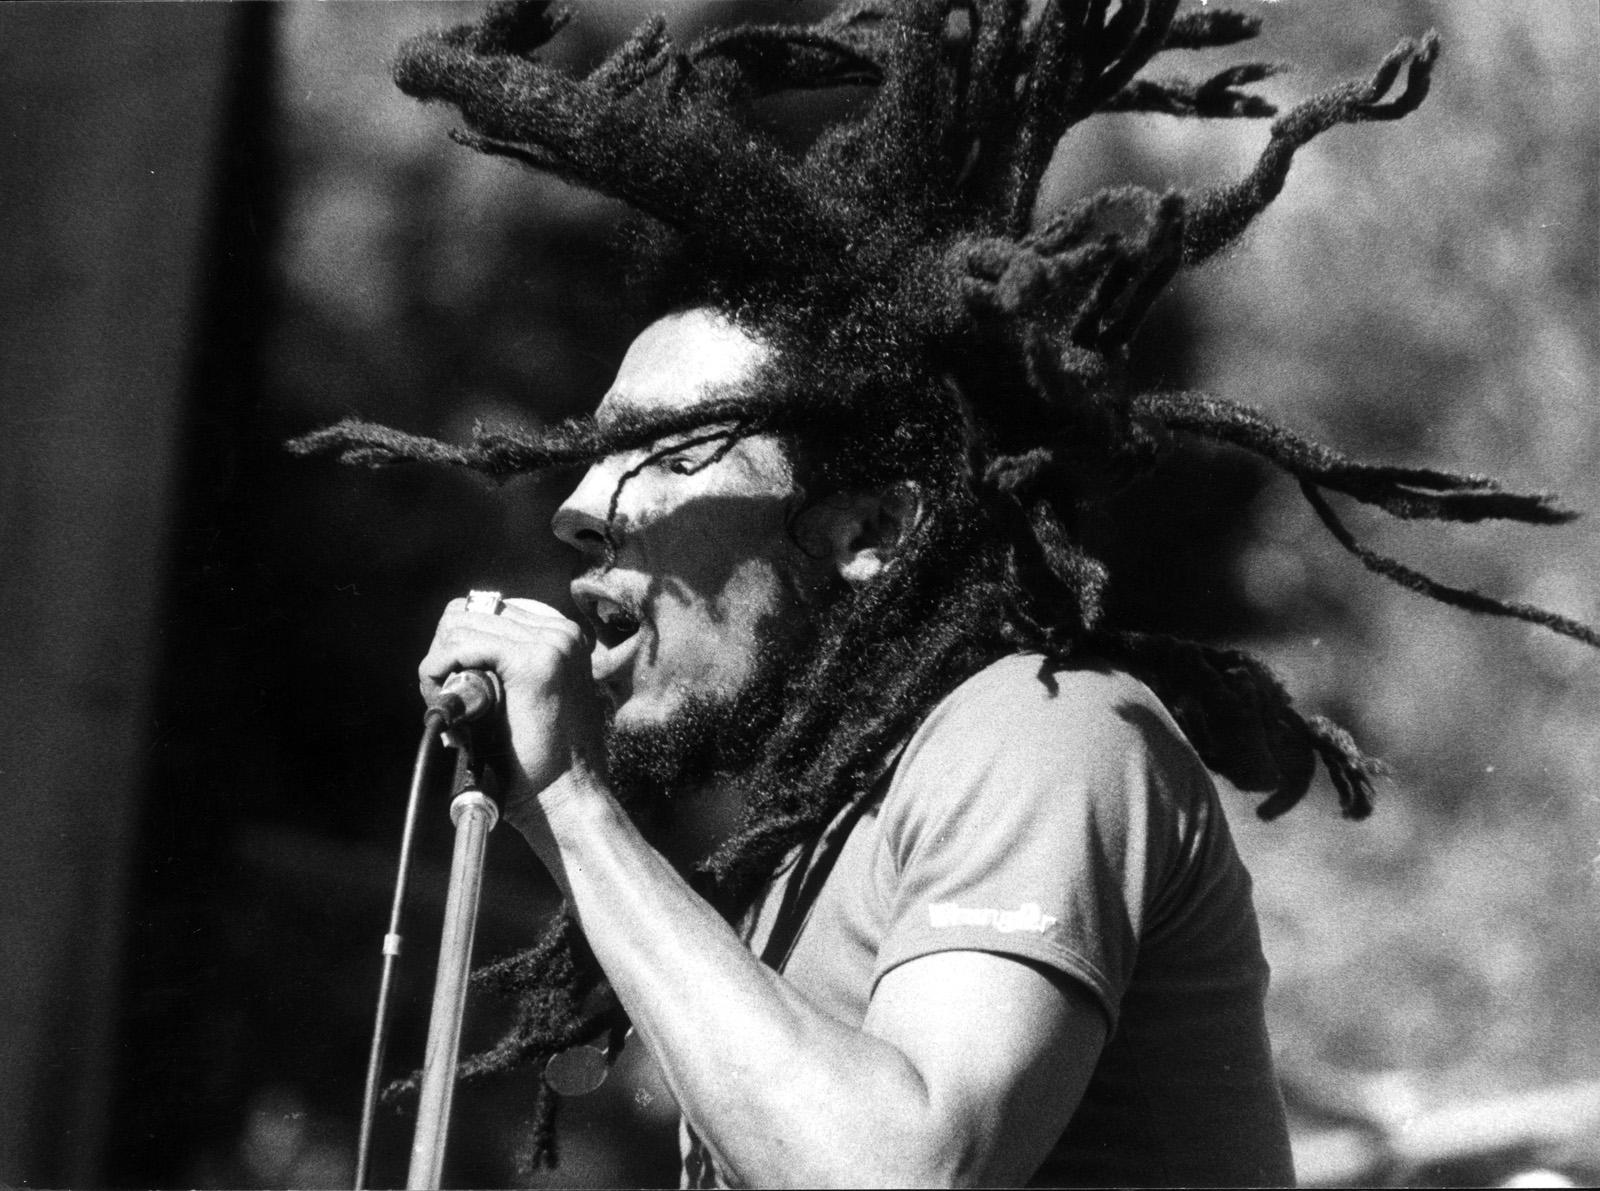 http://2.bp.blogspot.com/-ee9sIxJACBY/Tmtu2WJ7Z5I/AAAAAAAAAIU/ZuZCNKHMWf0/s1600/Bob-Marley-5.jpg